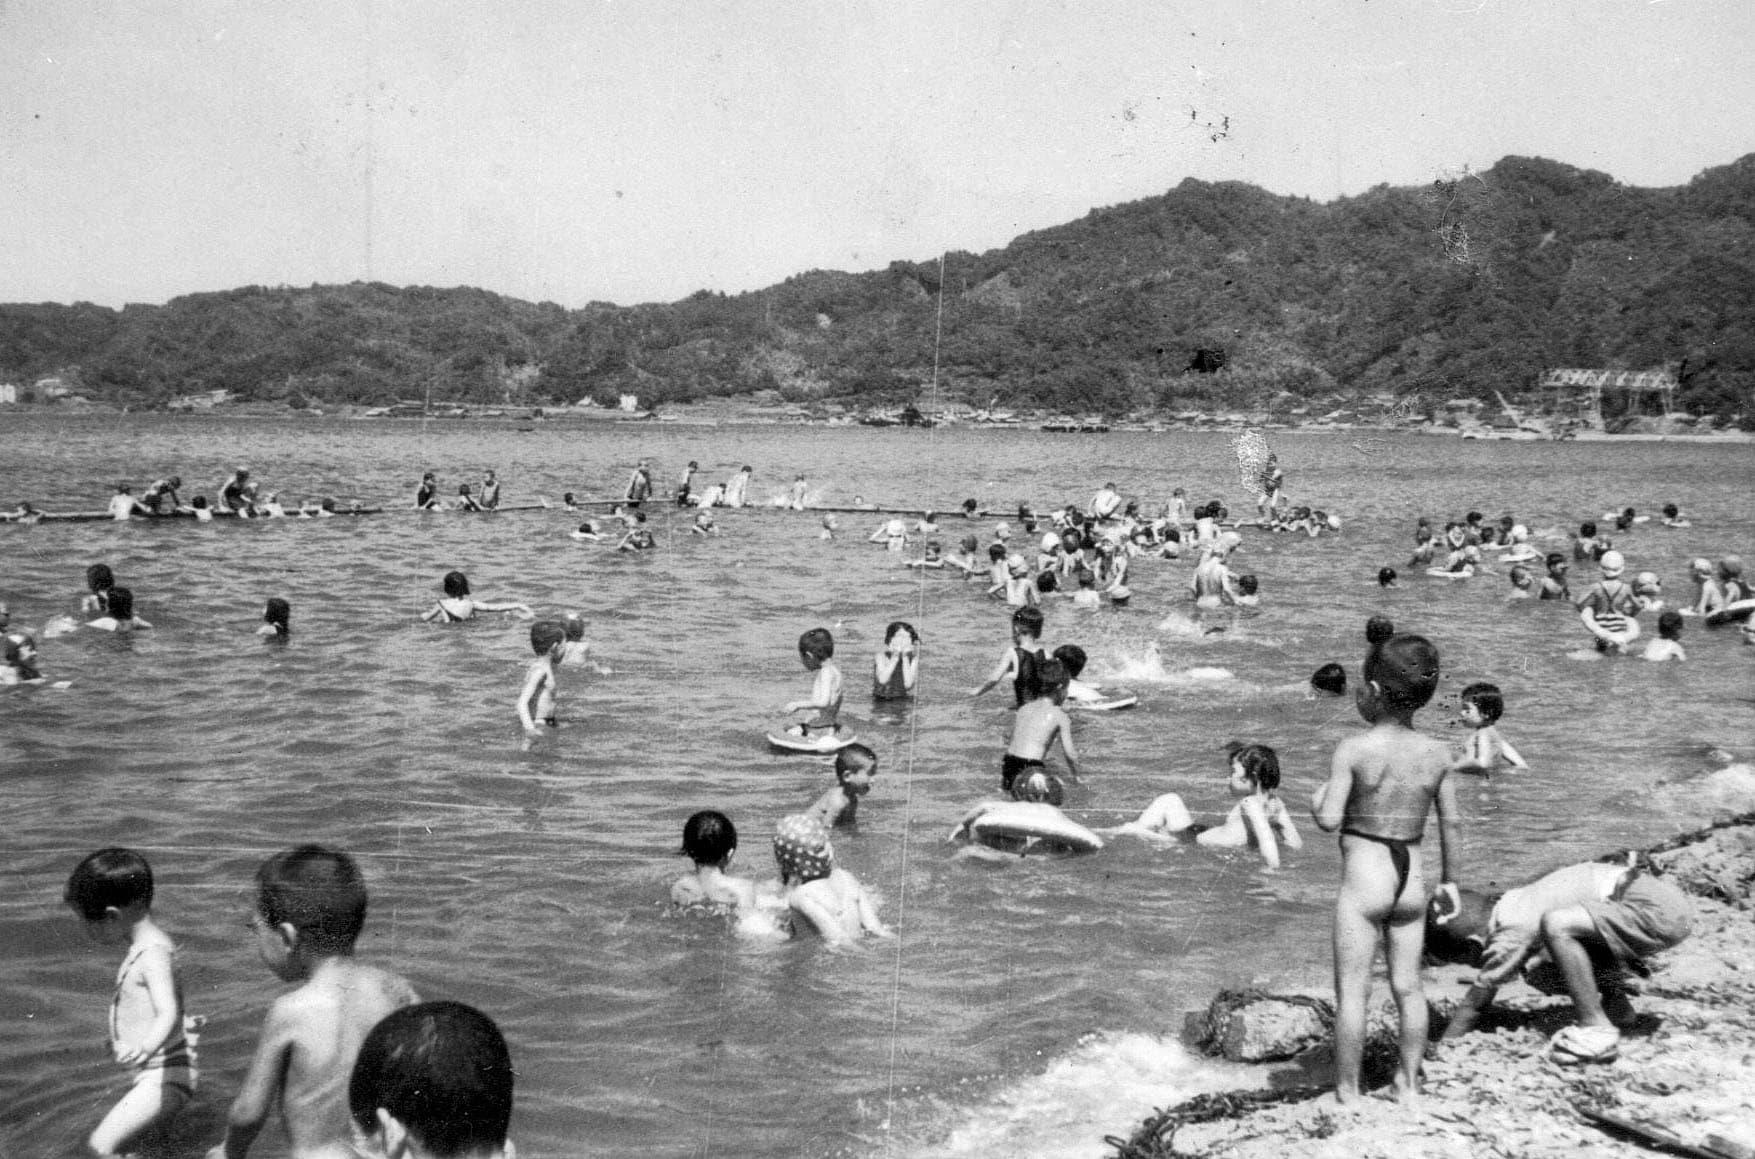 小学生 フルチン 日本の裸褌祭 【33】 冬至水行祭 - YouTube